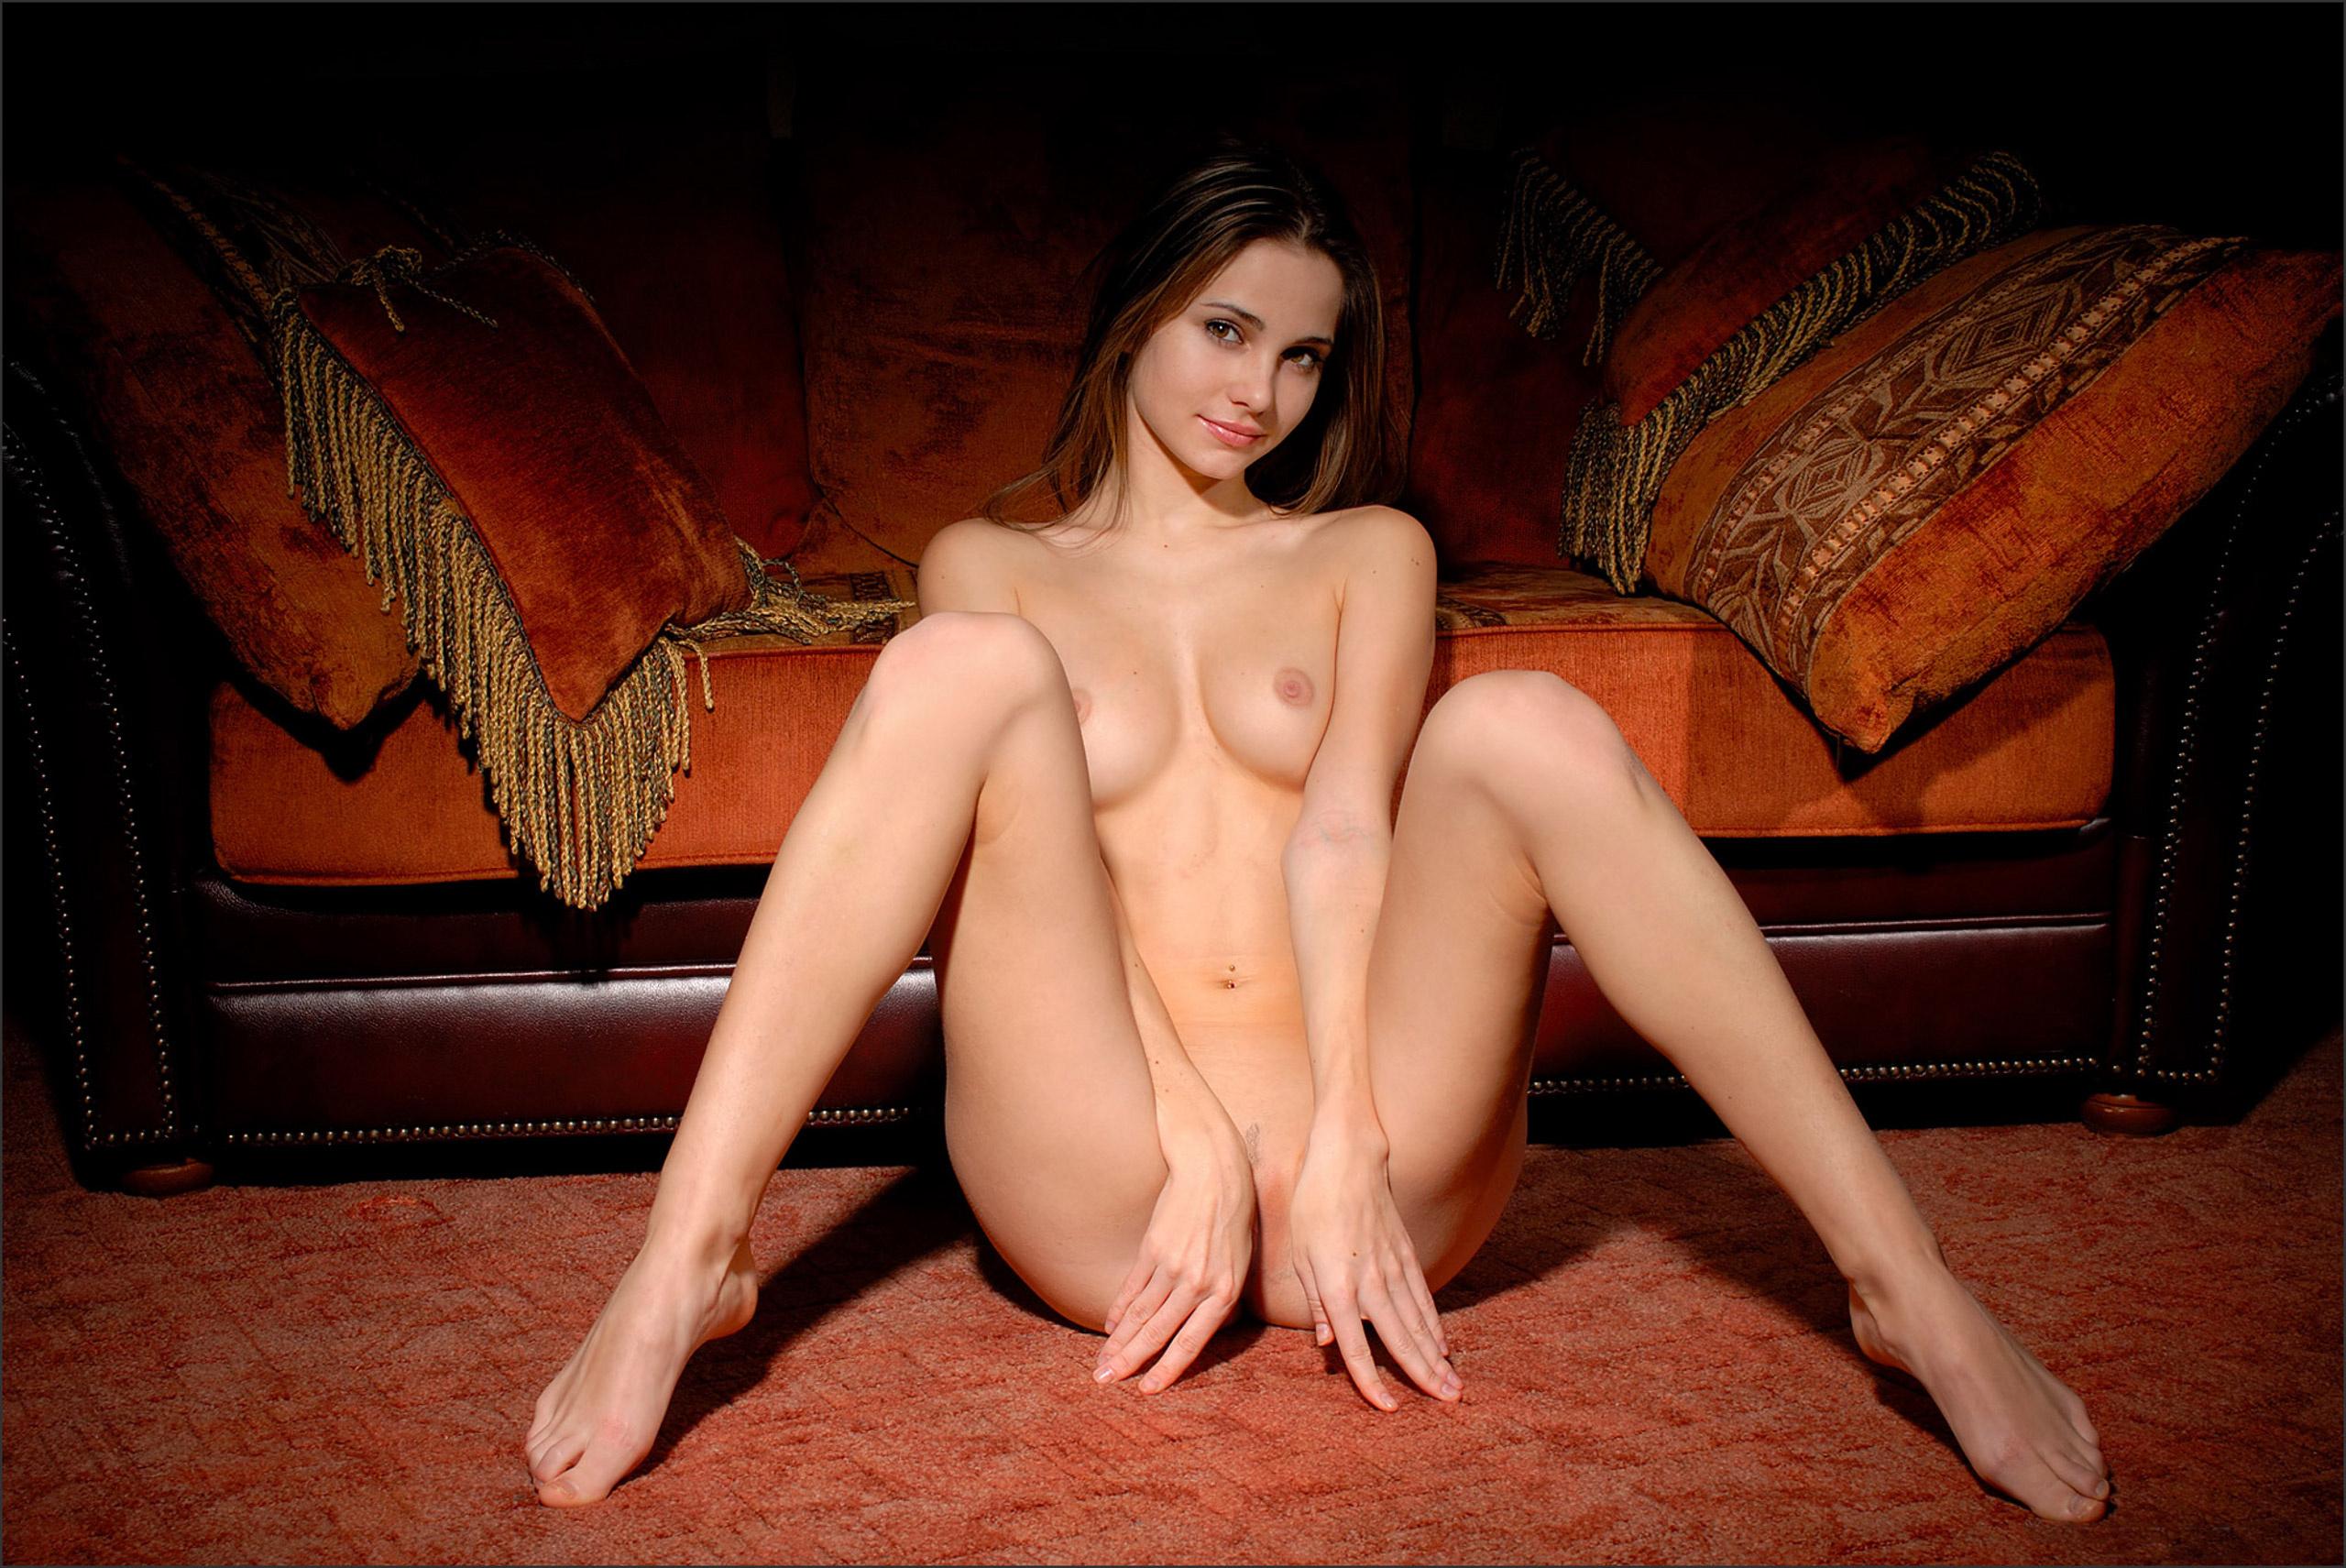 Фото голы девушки прикрывают пизду руками 7 фотография